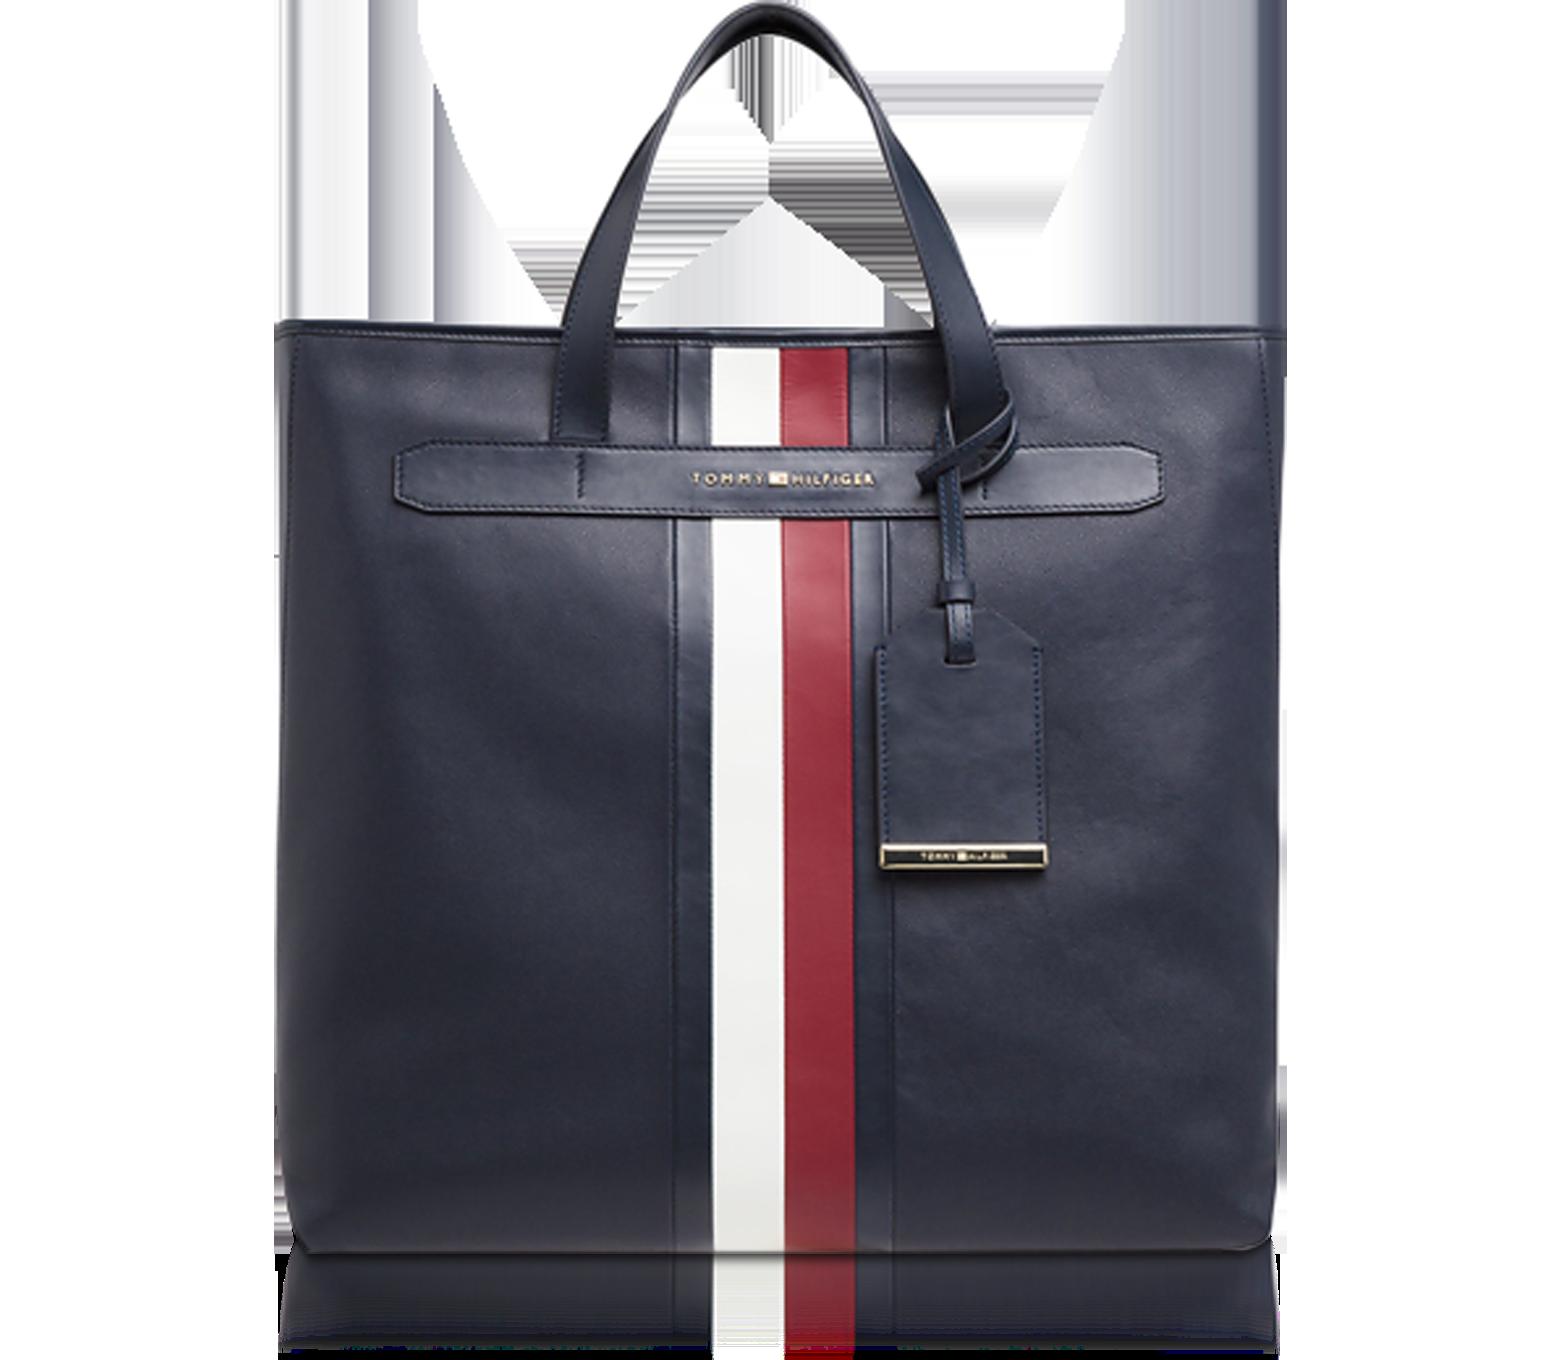 tommy hilfiger bag leather